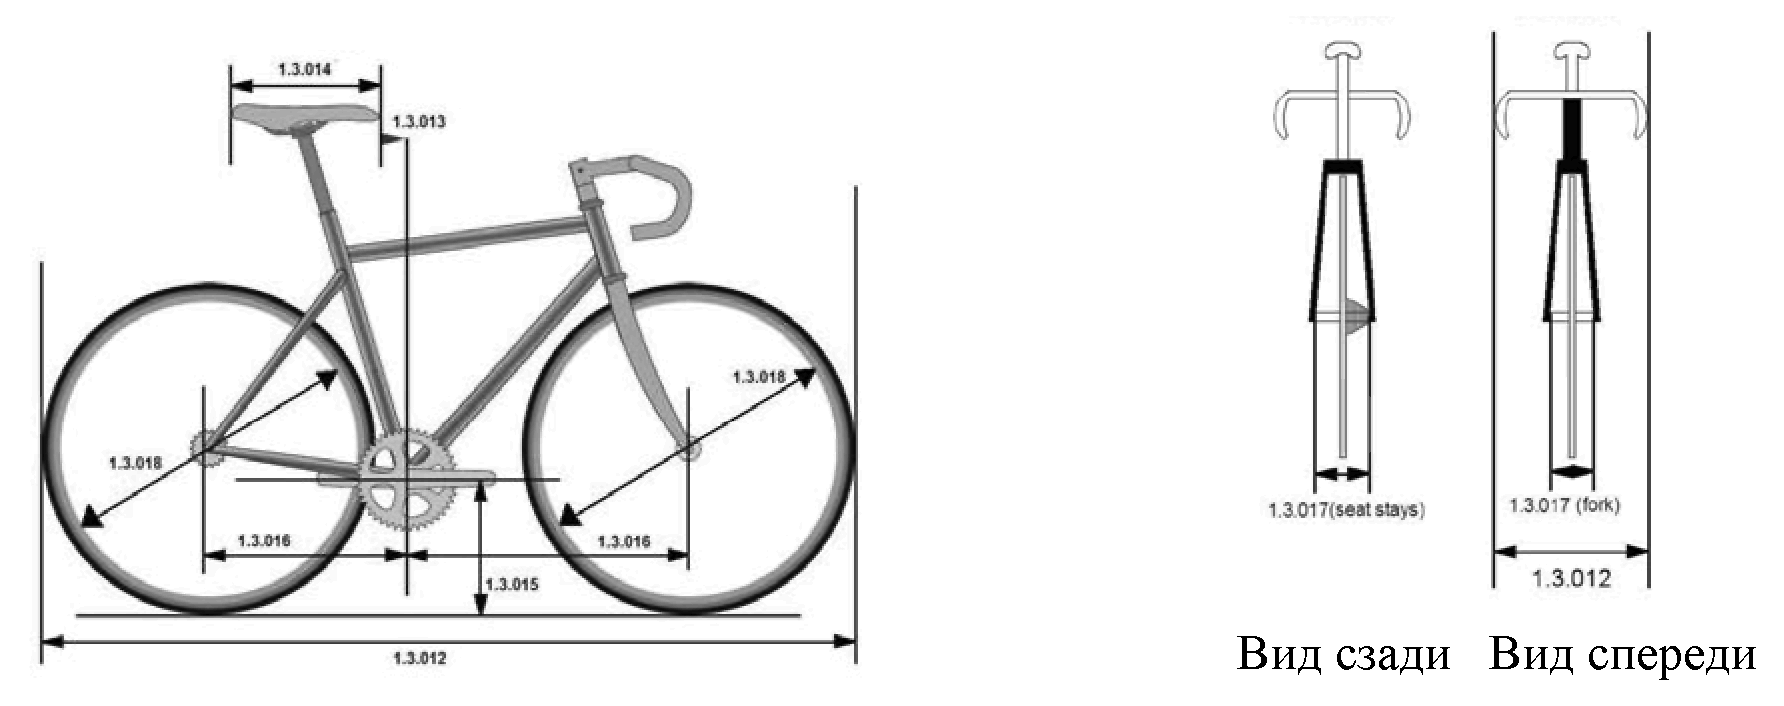 Как подобрать велосипед по росту